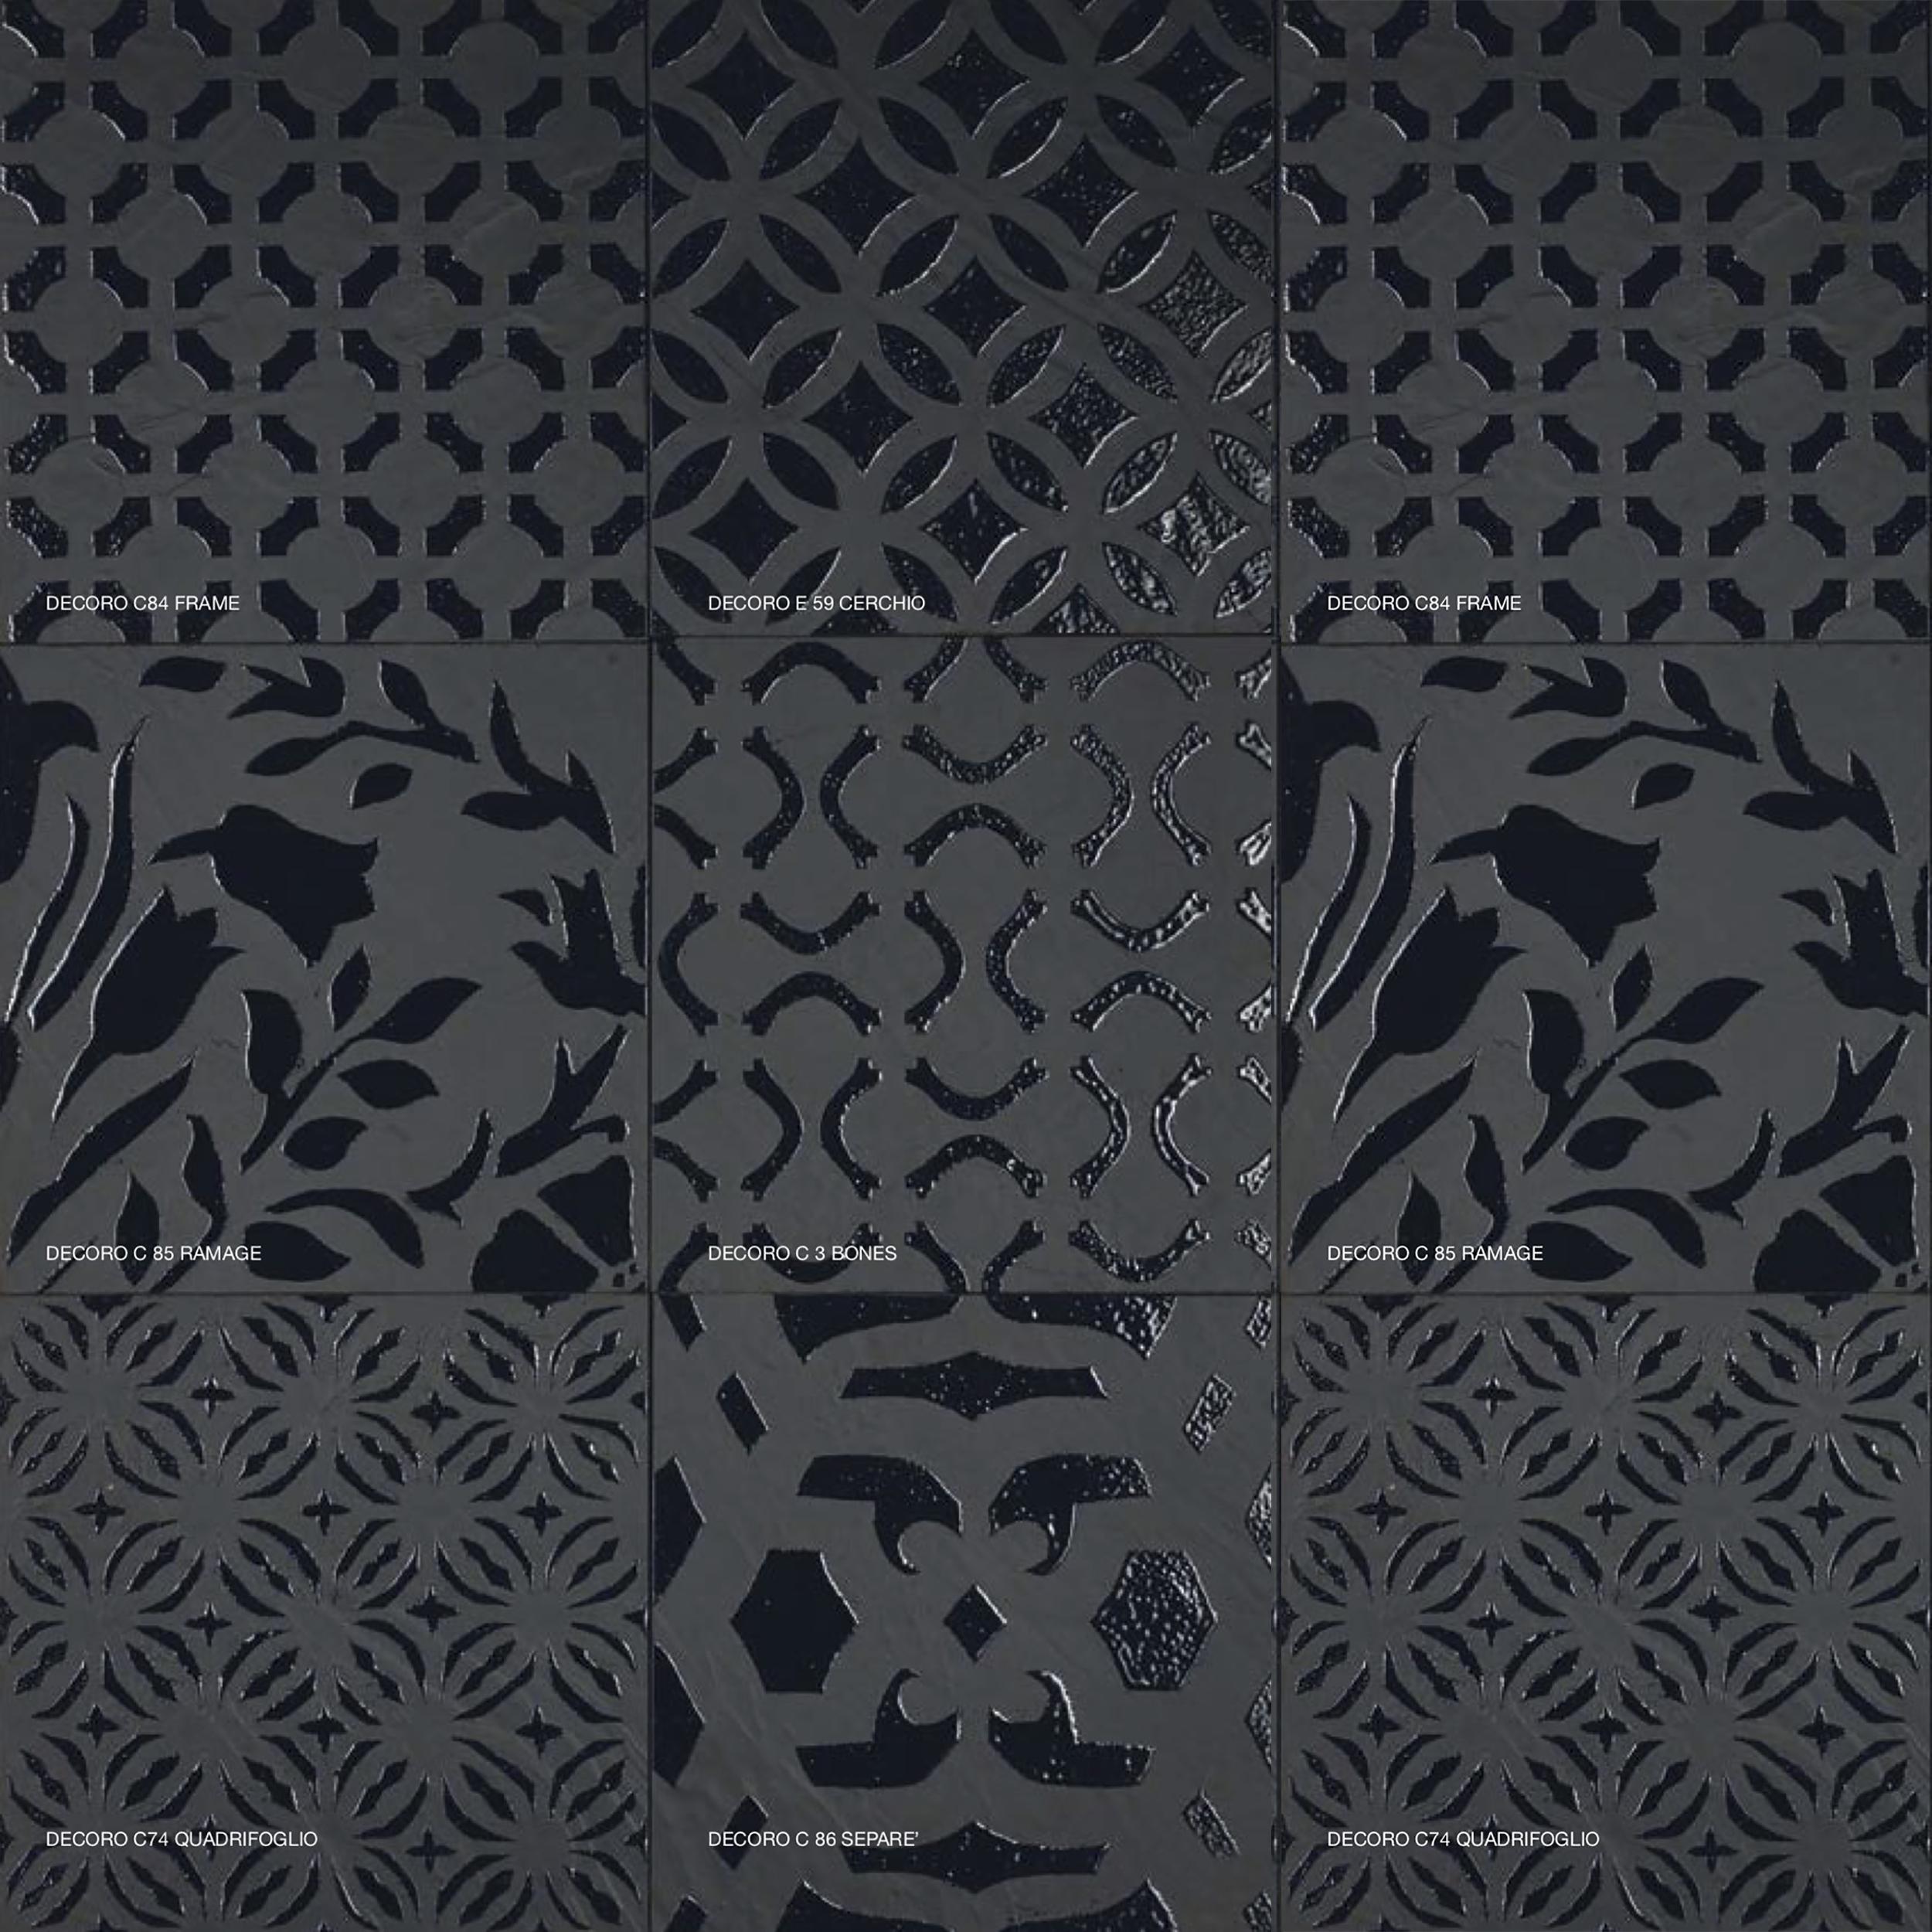 Square Tiles Geometrical Decorations - Decorations available are:  C84 Frame, E59 Cerchio, C85 Ramage, C3 Bones, C74 Quadrifoglio, C86 Separe' | Matter of Stuff